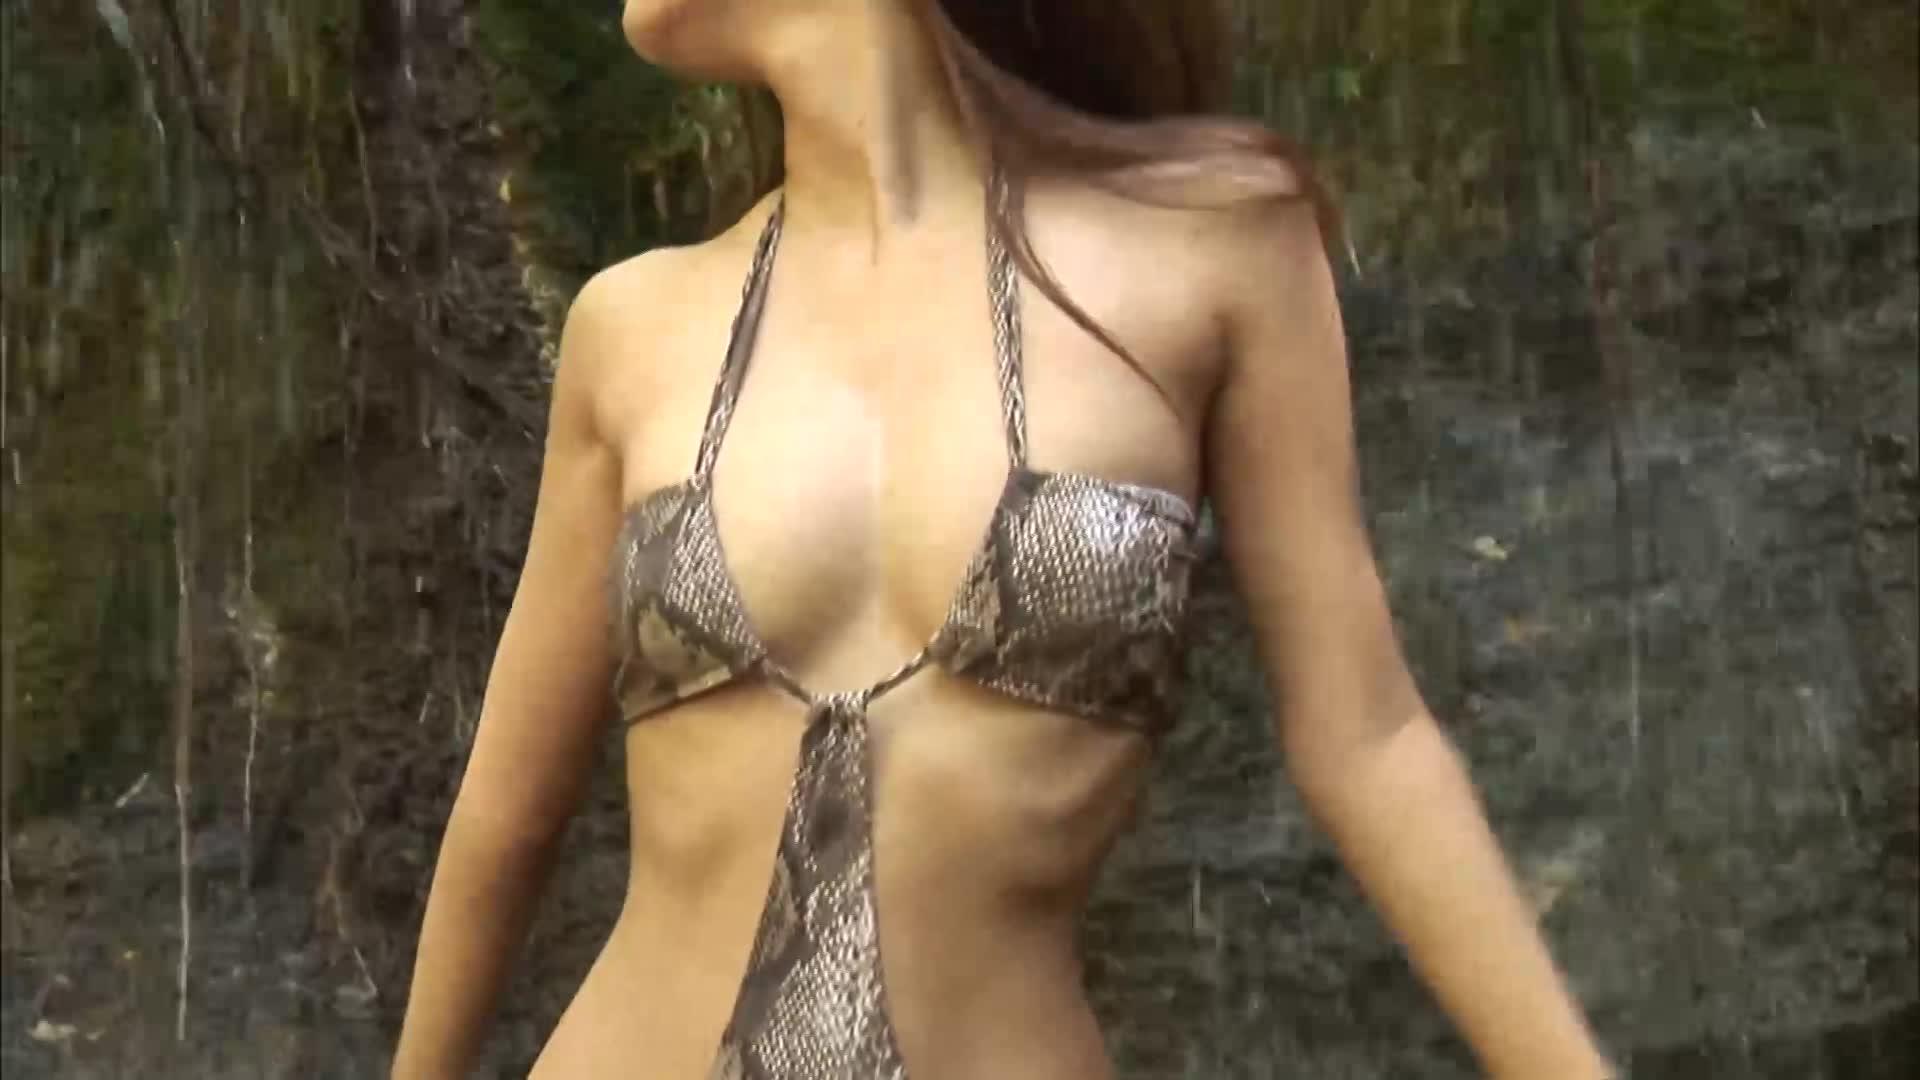 美乳の素人女性の無料jyukujyo動画。木口亜矢美乳の谷間とワイルド...